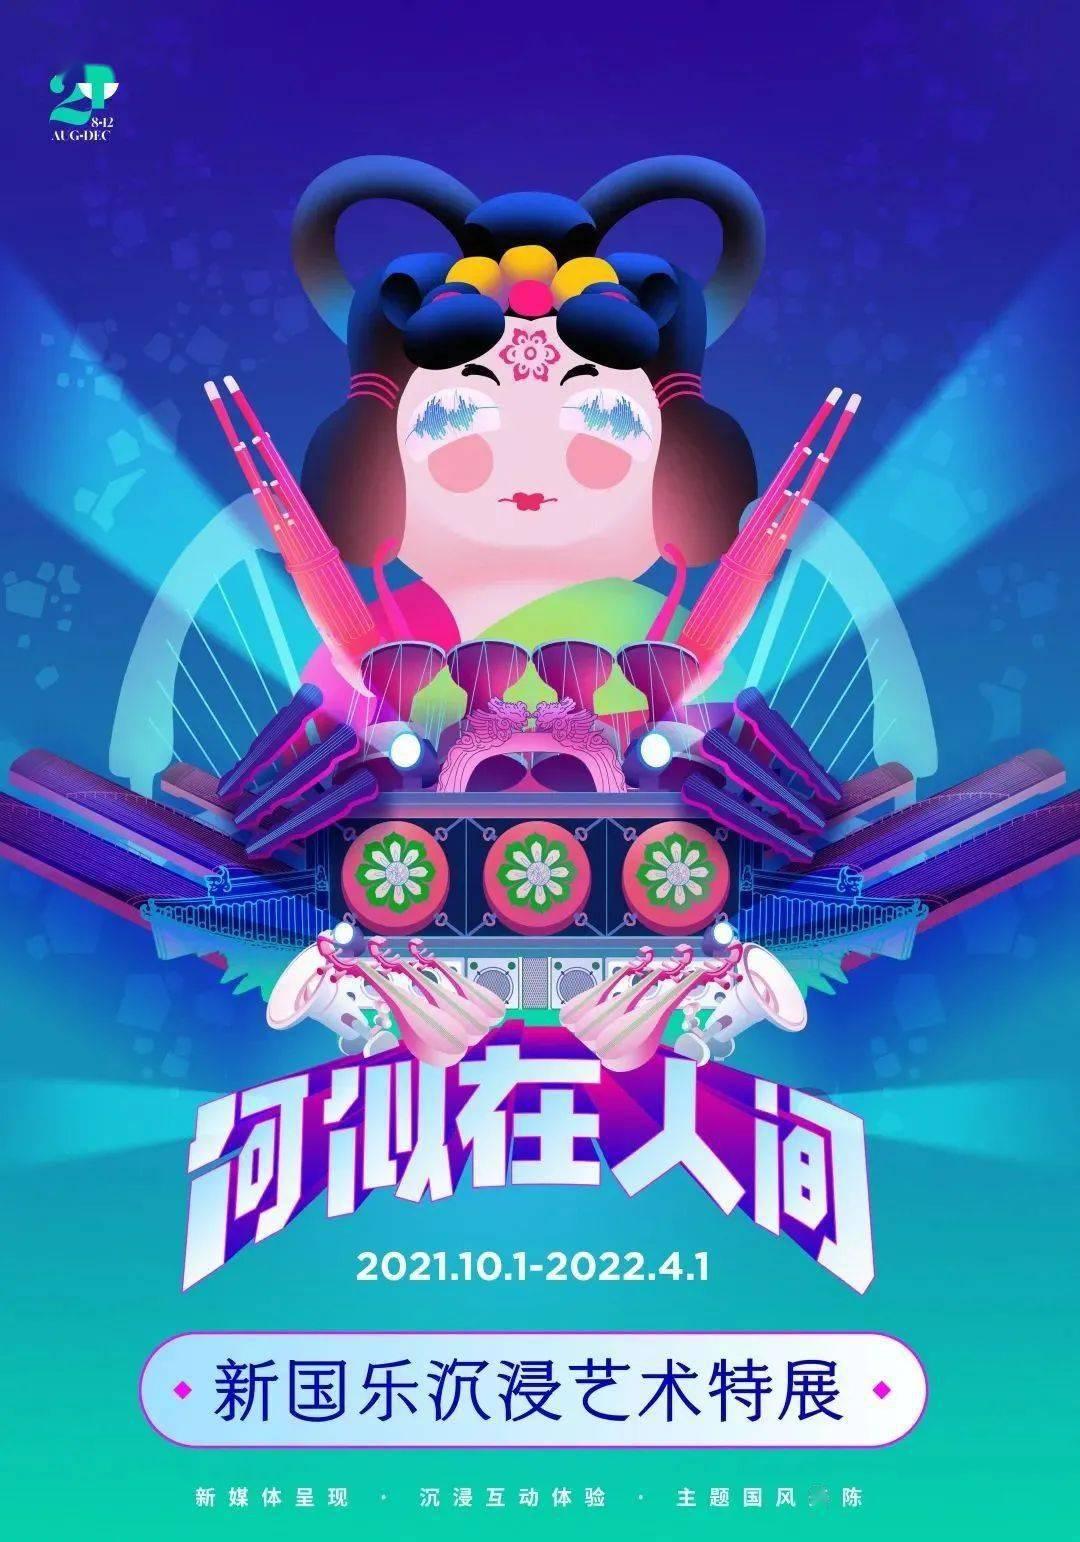 【提示】大型建筑投影秀将在上海音乐厅举行!可免费预约观看